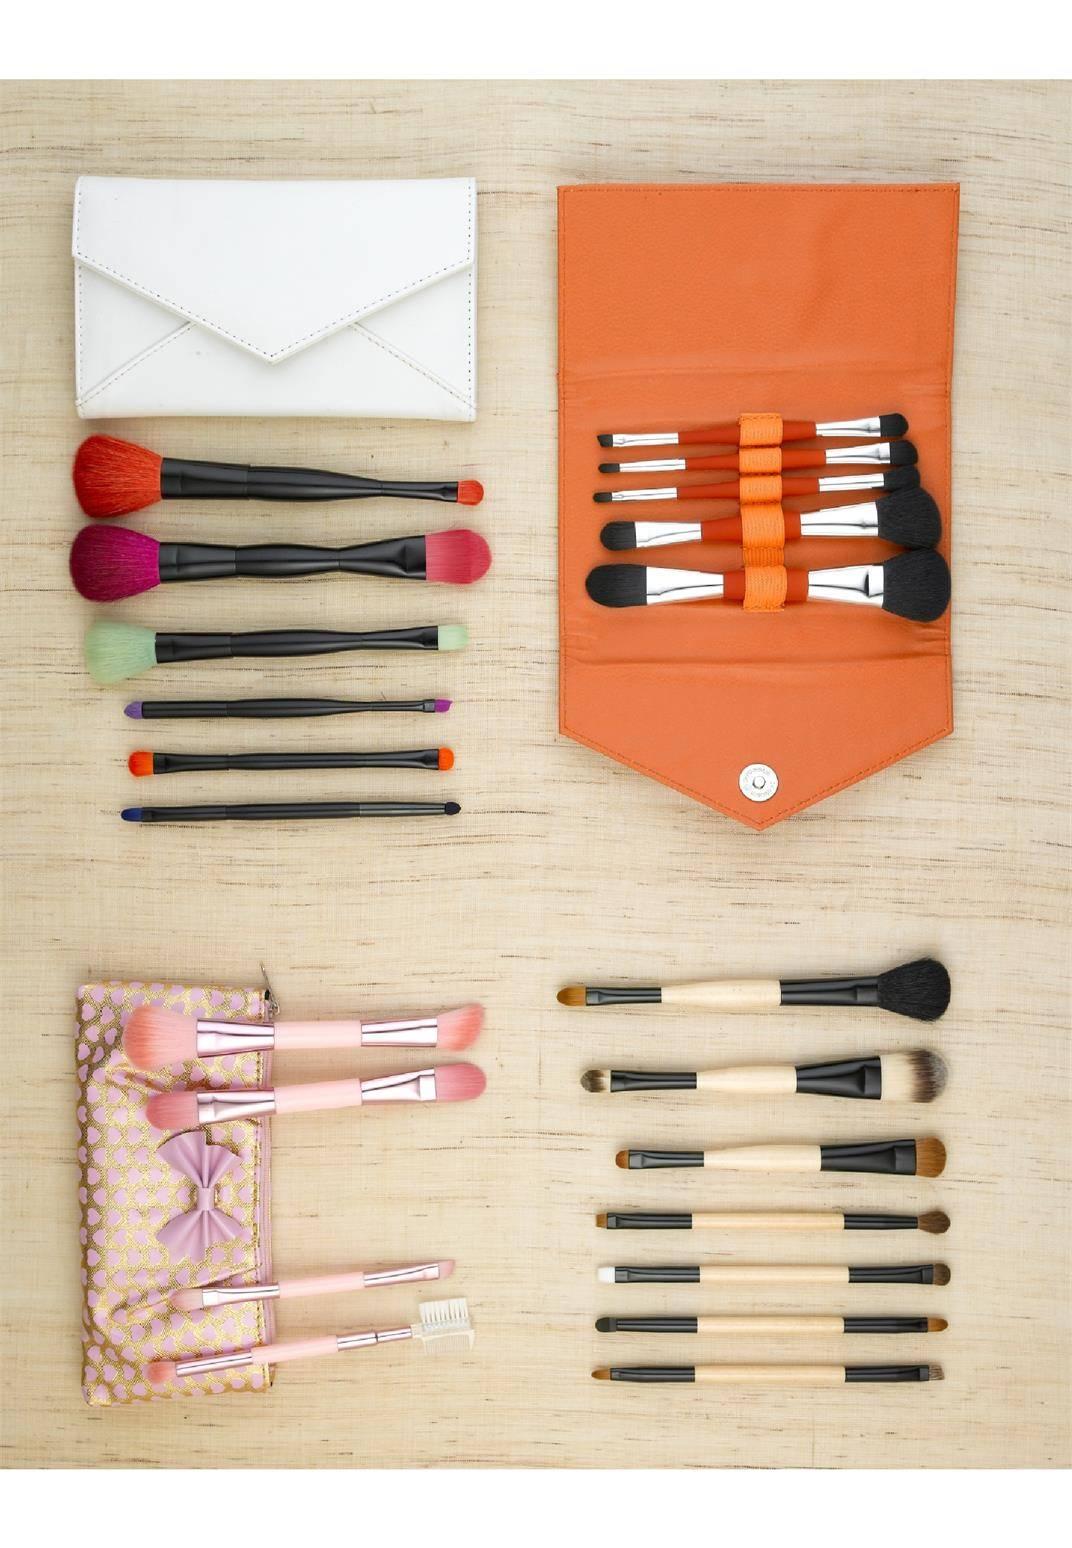 6pcs Professional Wood Makeup Brush Set Foundation Brushes Makeup Brushes Synthetic hair brush